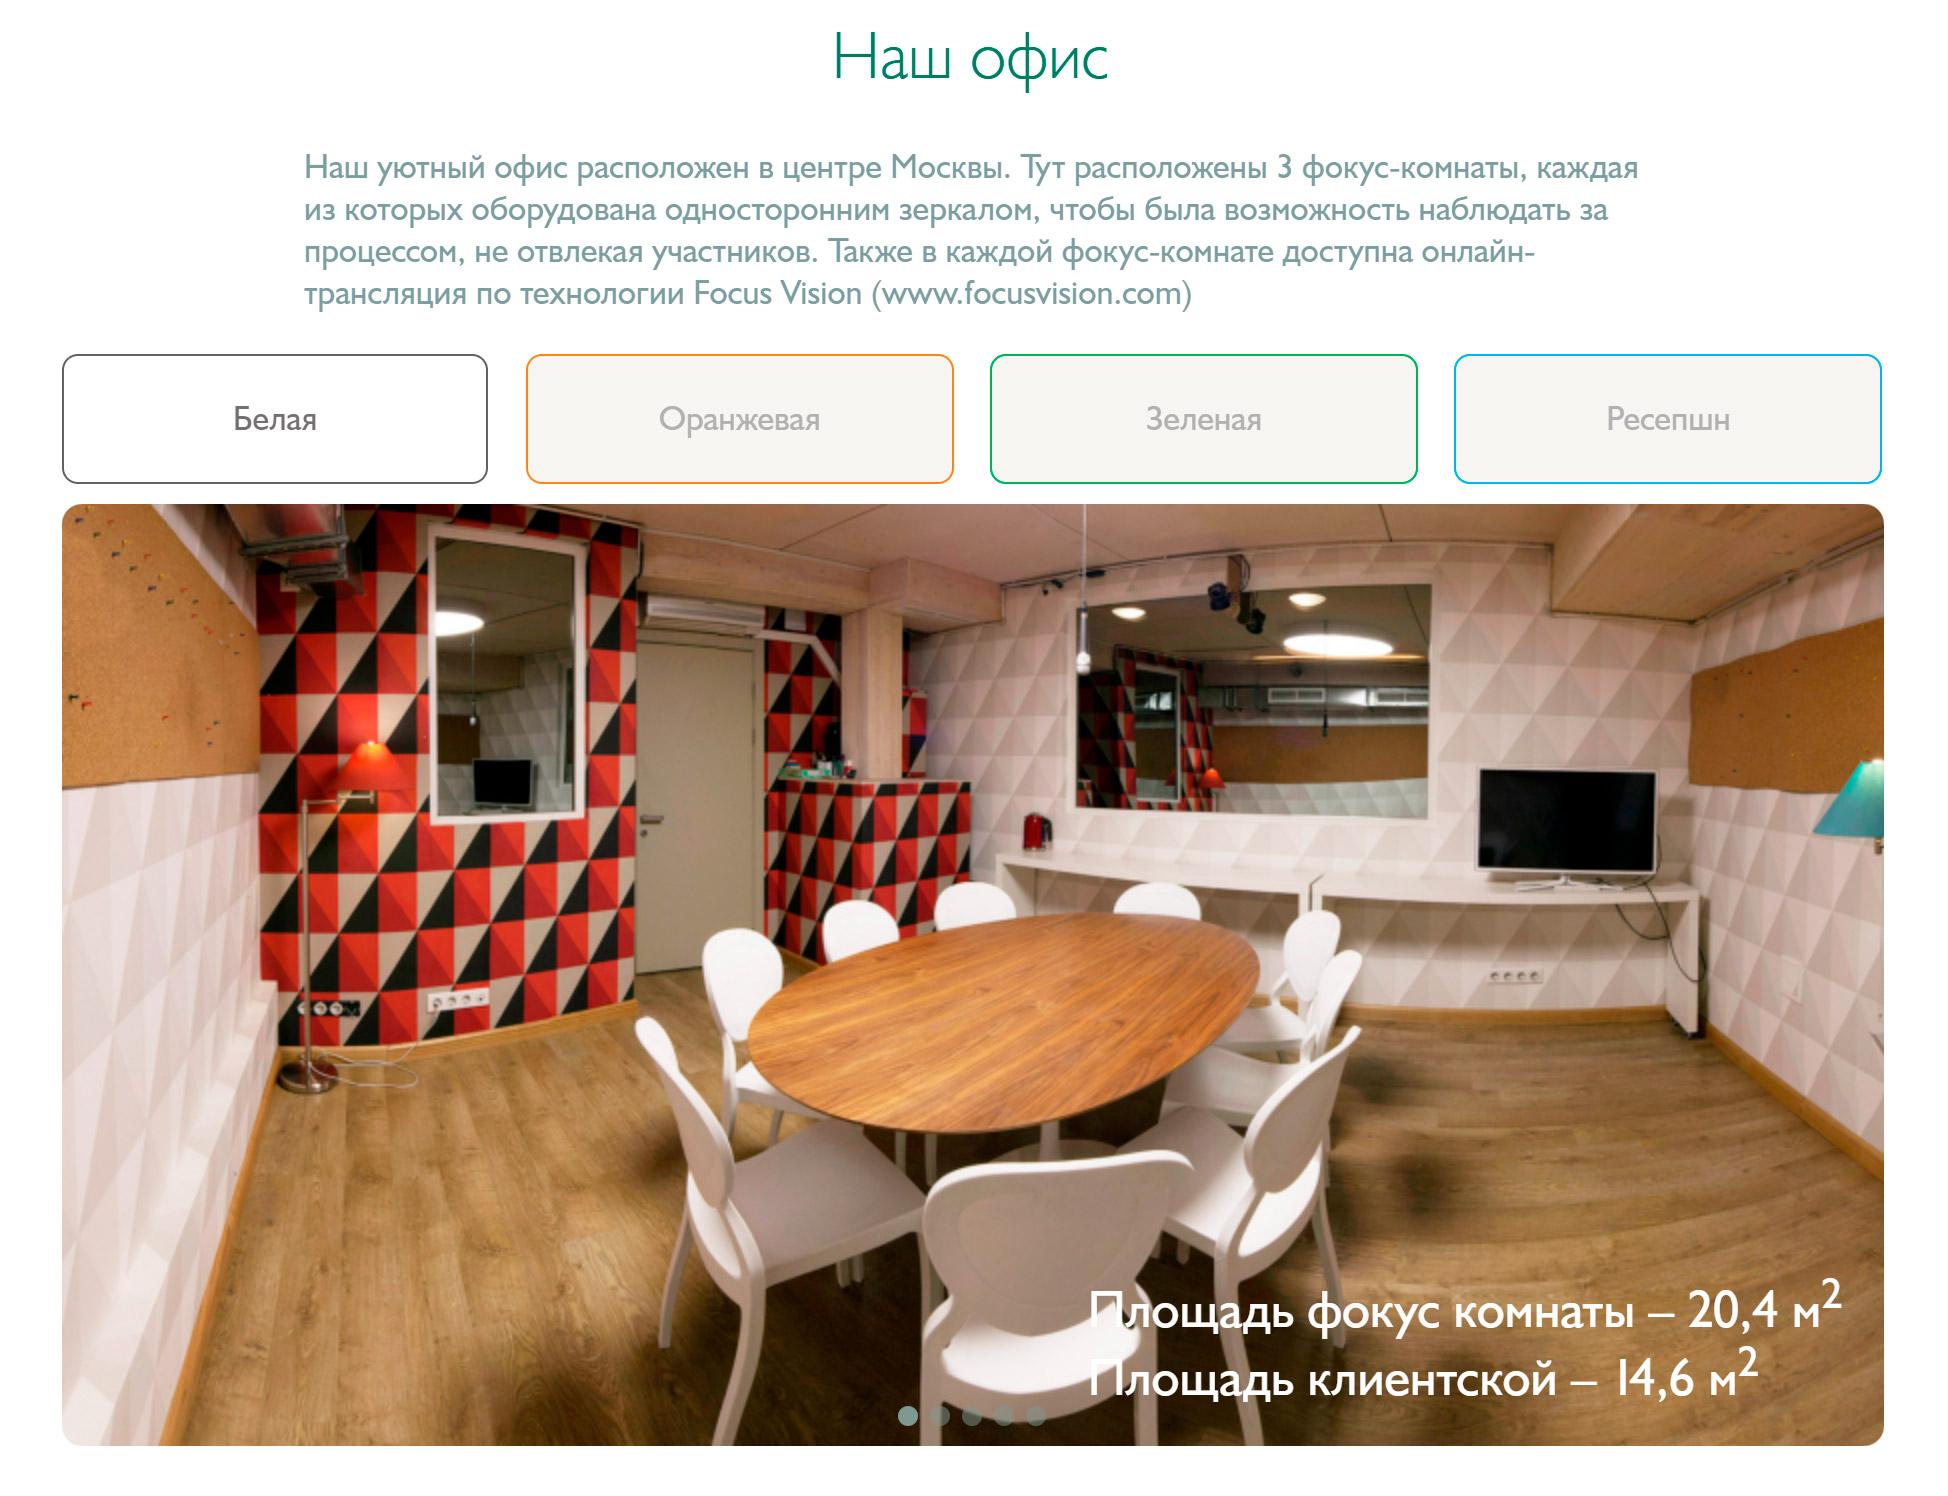 Офис исследовательской компании Validata. Клиентская комната — смежный кабинет с местами длянаблюдателей. С этой стороны зеркало прозрачное